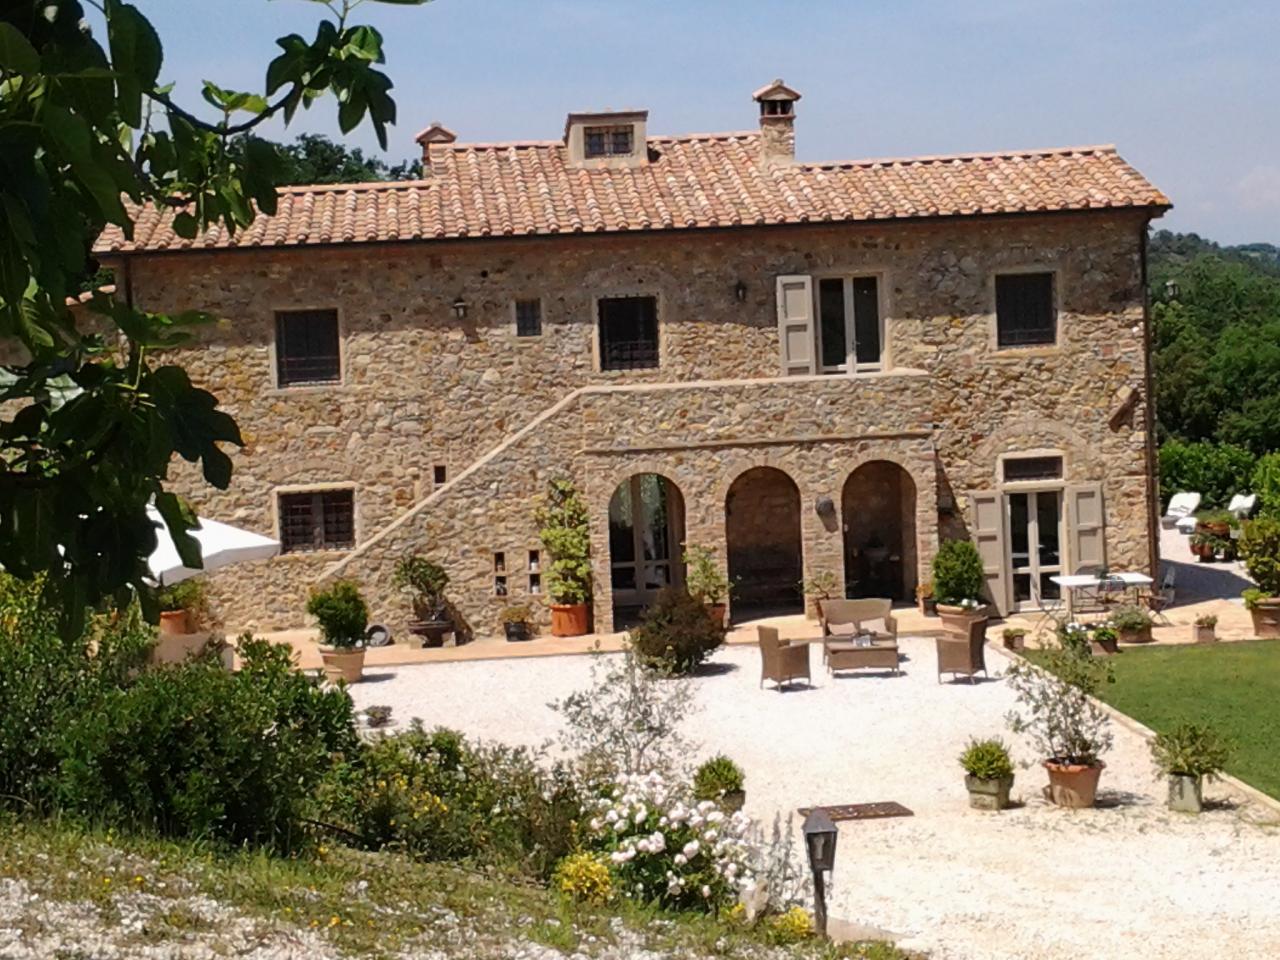 Villa in vendita a Rosignano Marittimo, 19 locali, zona Zona: Gabbro, prezzo € 1.700.000 | Cambio Casa.it